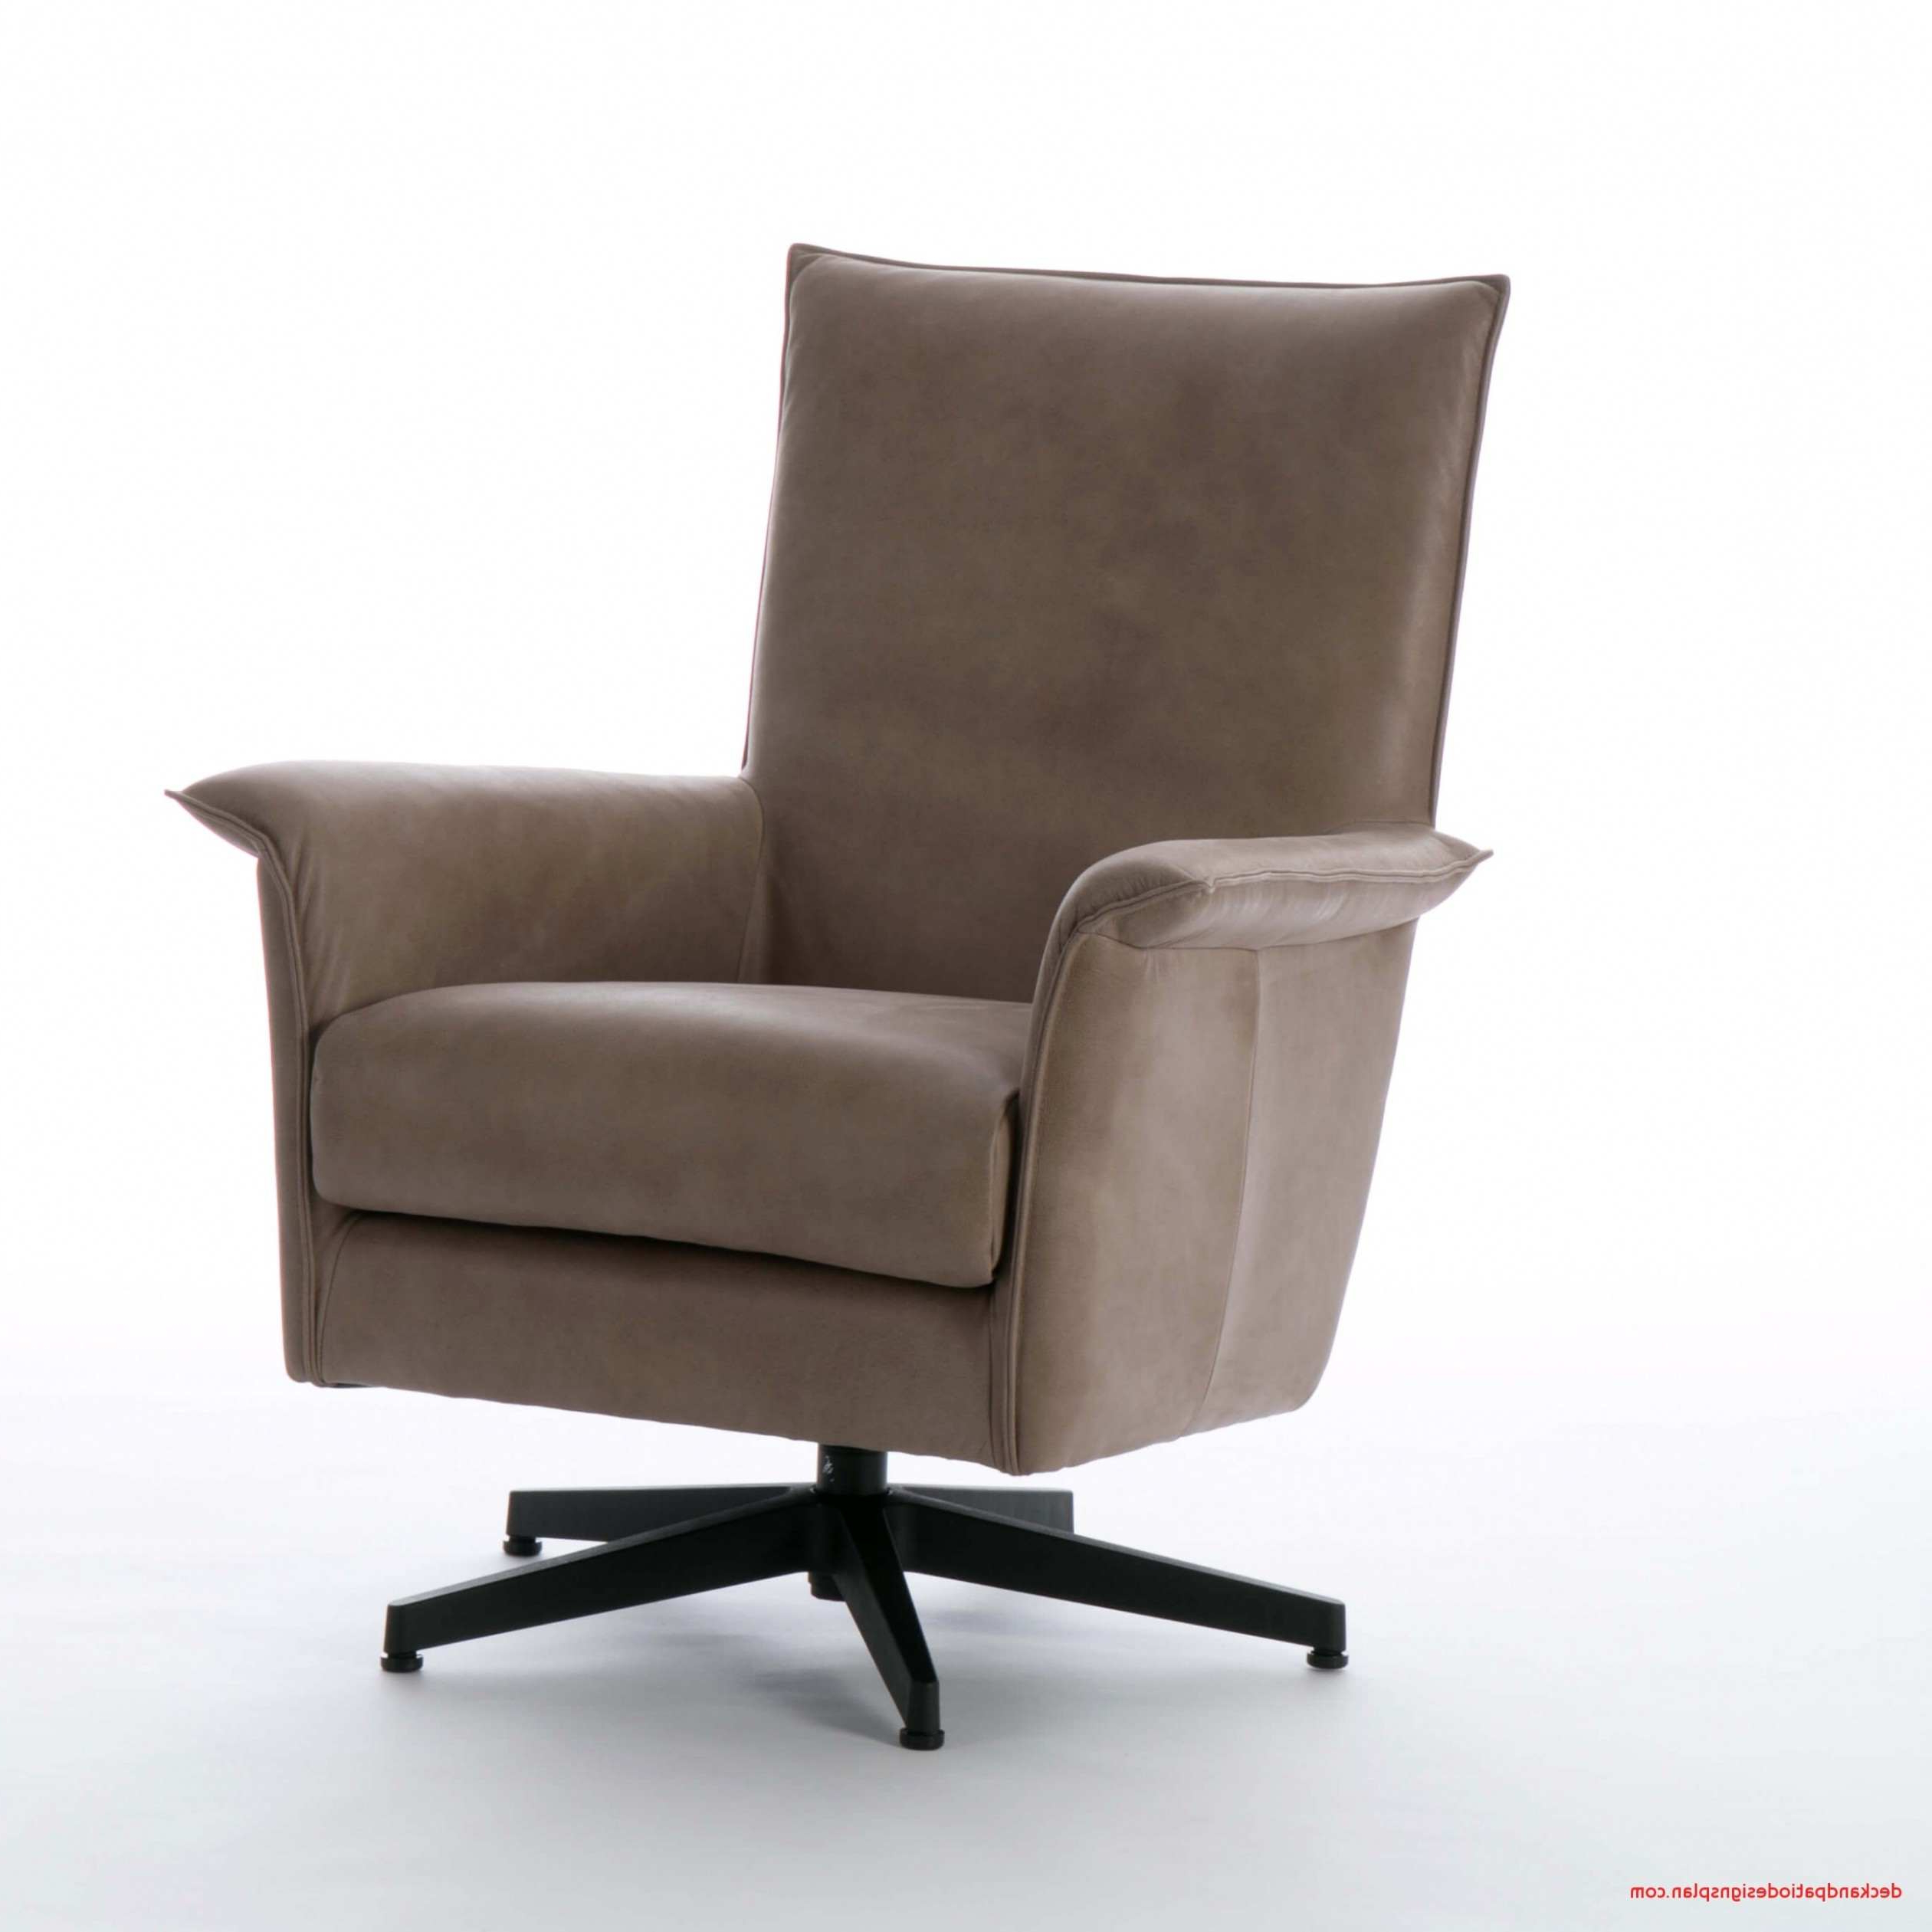 Full Size of 50 Oben Von Von Wohnzimmer Sessel Modern Planen Ideen Wohnzimmer Wohnzimmer Sessel